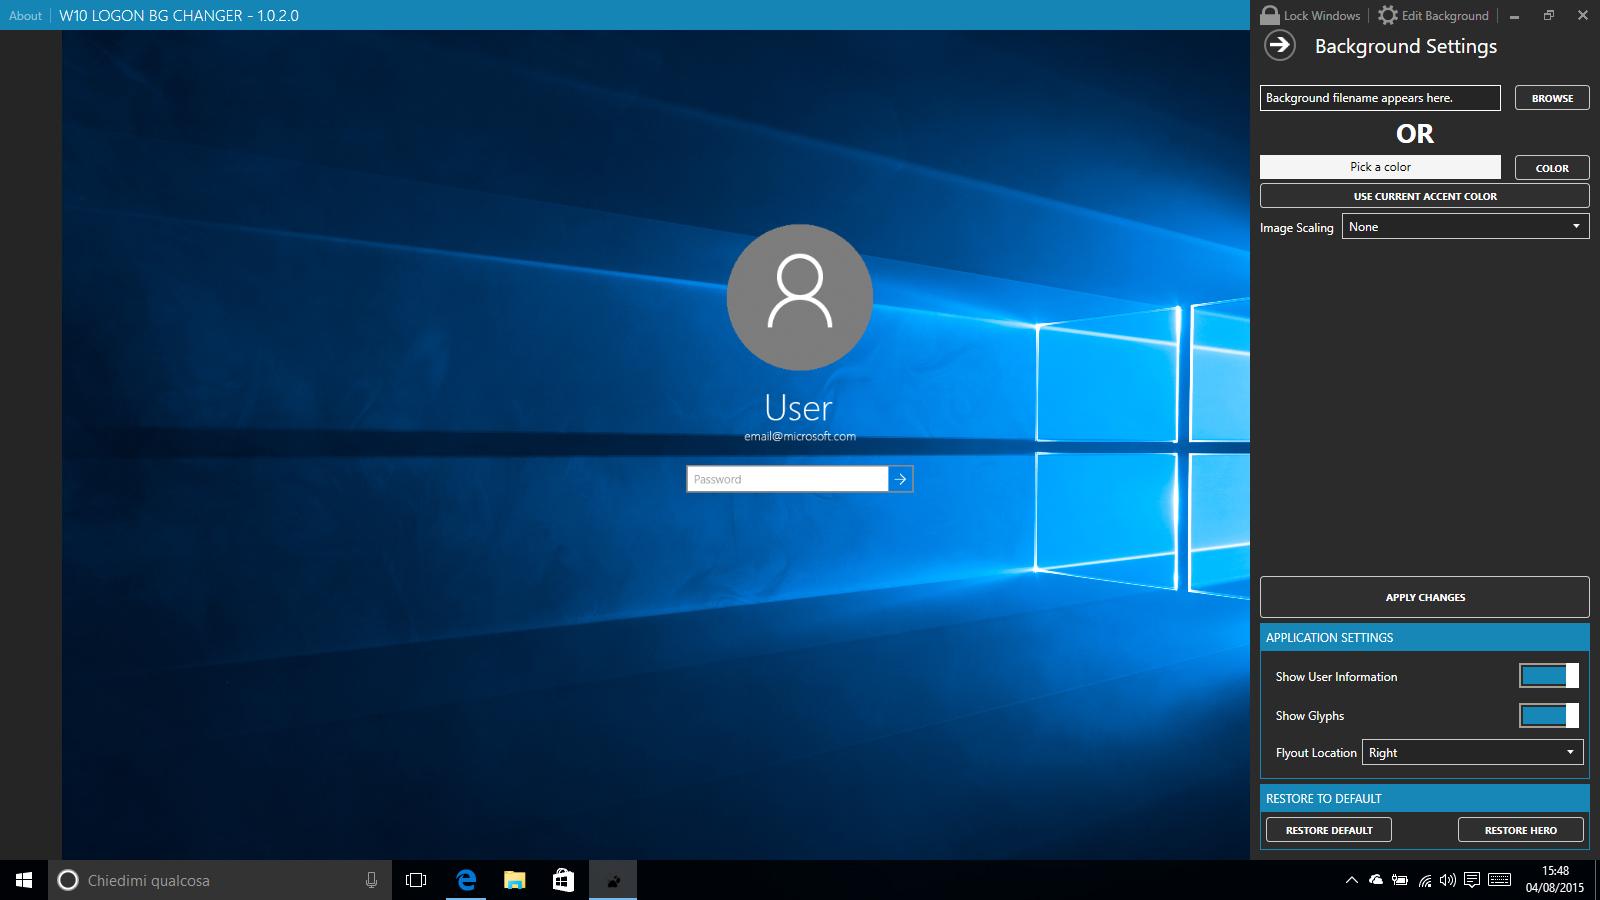 Come Personalizzare La Schermata Di Blocco E Di Login In Windows 10